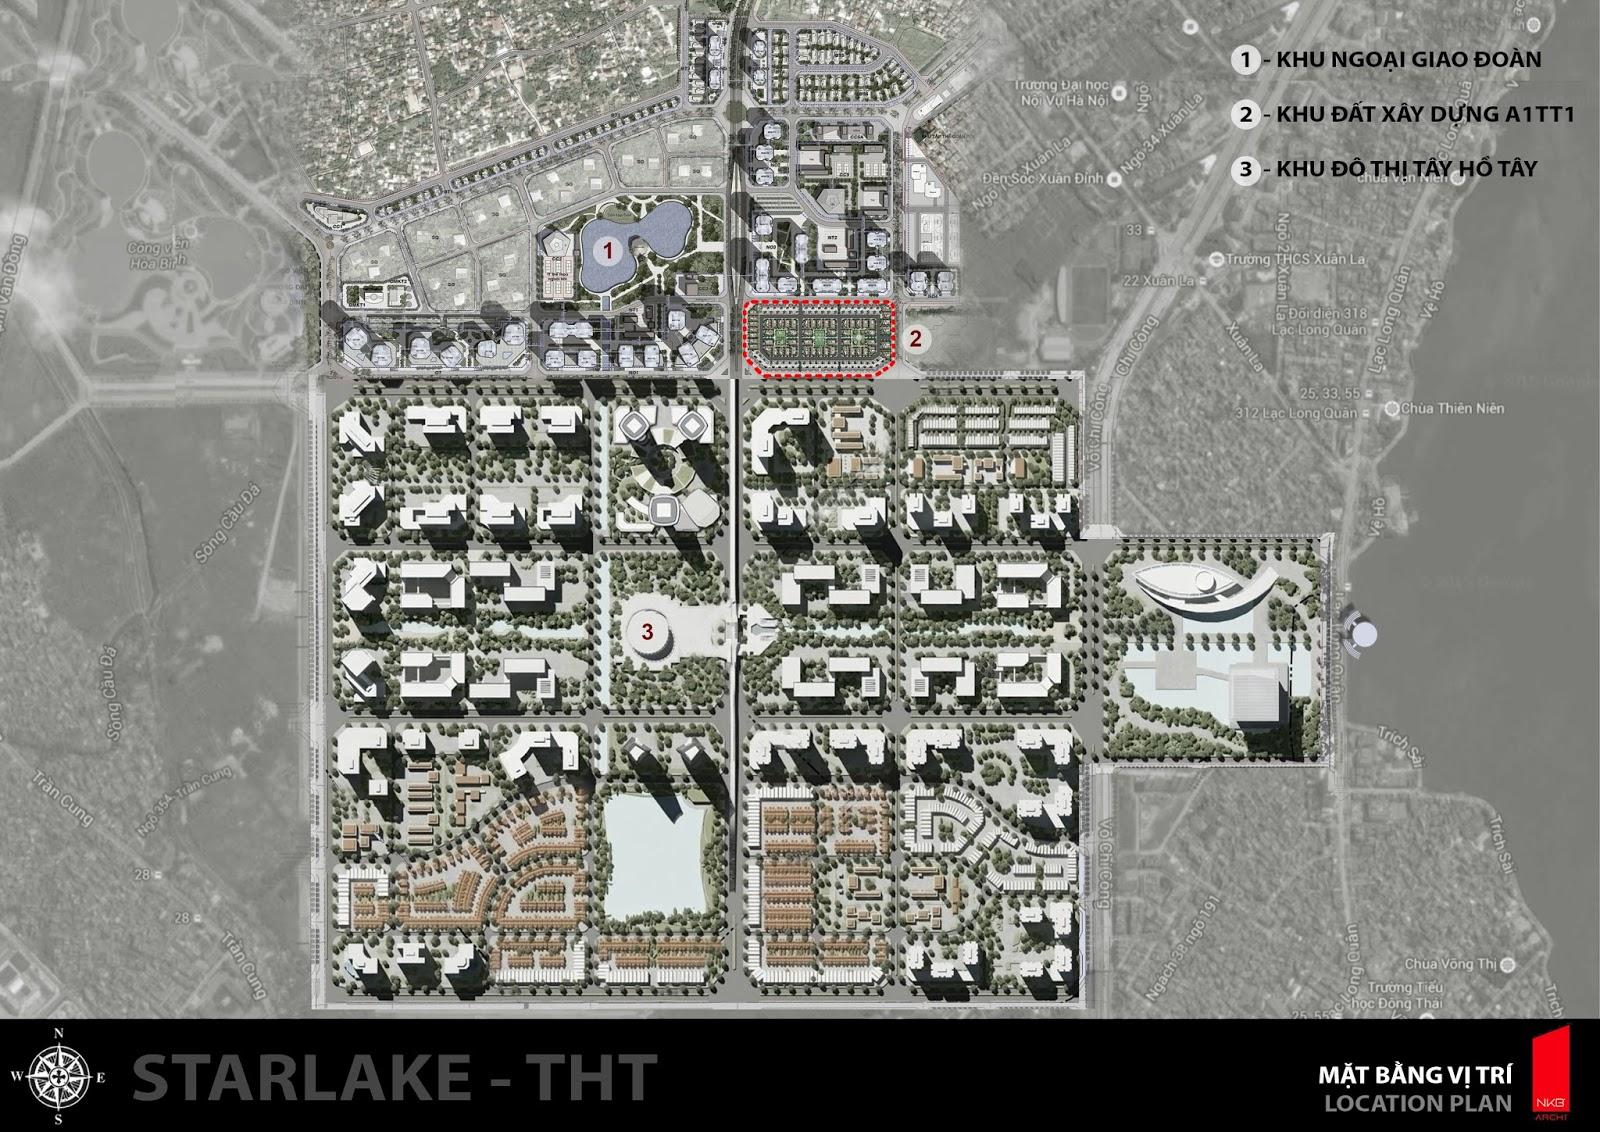 Tầm nhìn của dự án Biệt thự Tây Hồ Tây trong tương lai